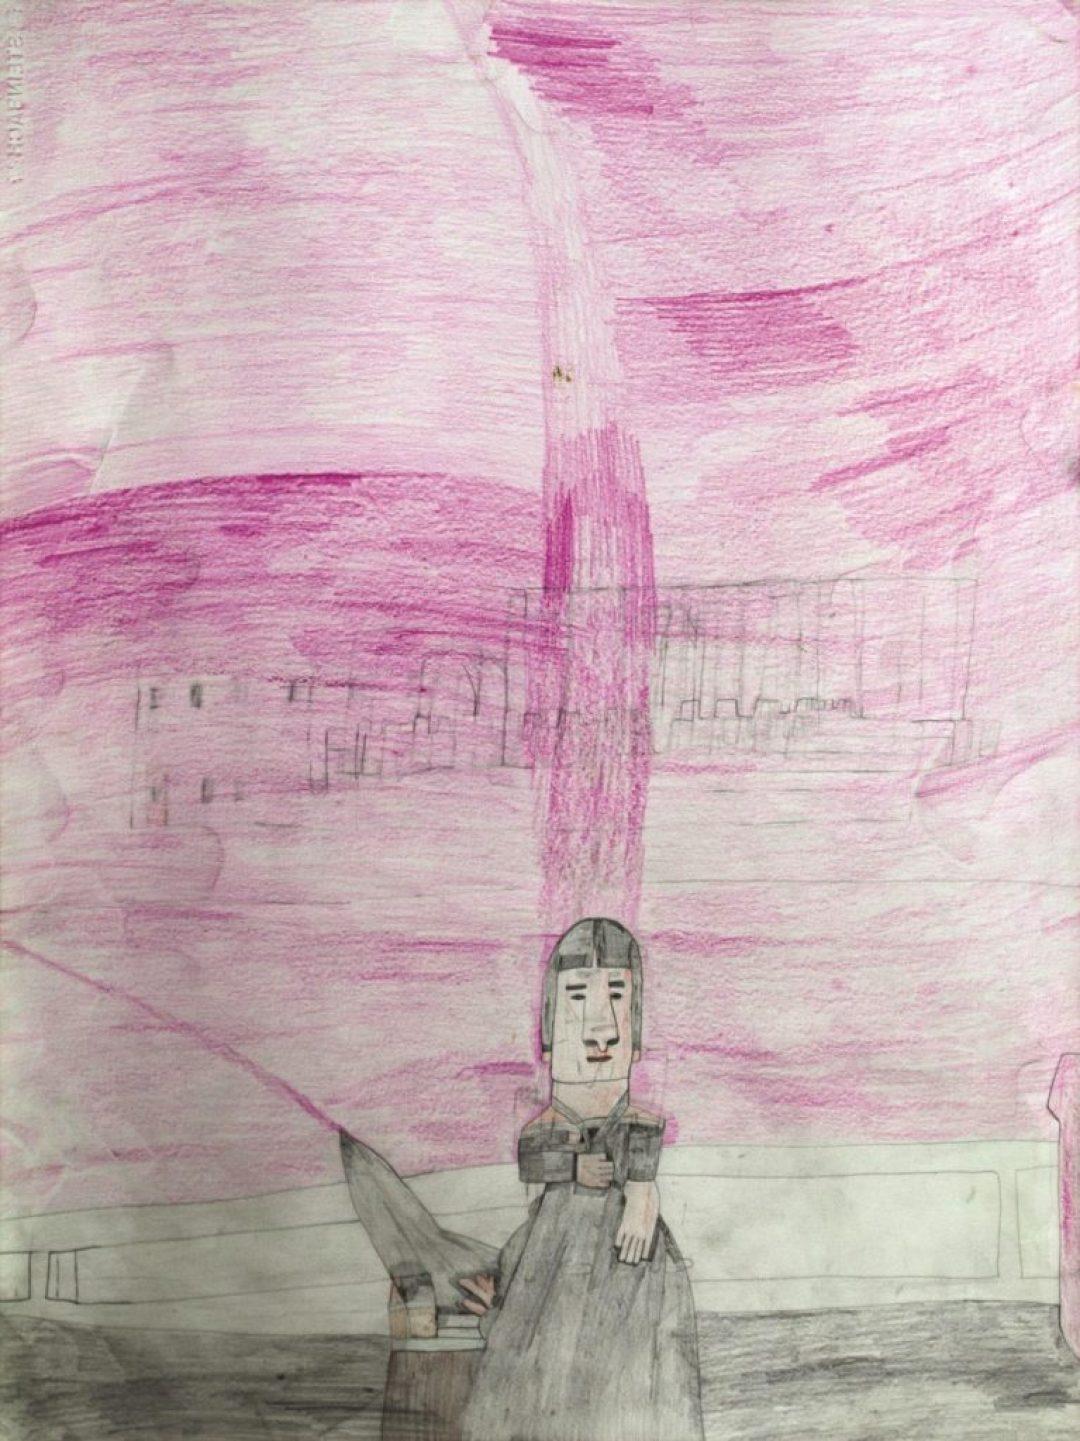 Alexis Lippstreu, Sans titre, nd, crayons de couleurs sur papier, 73 x 55 cm